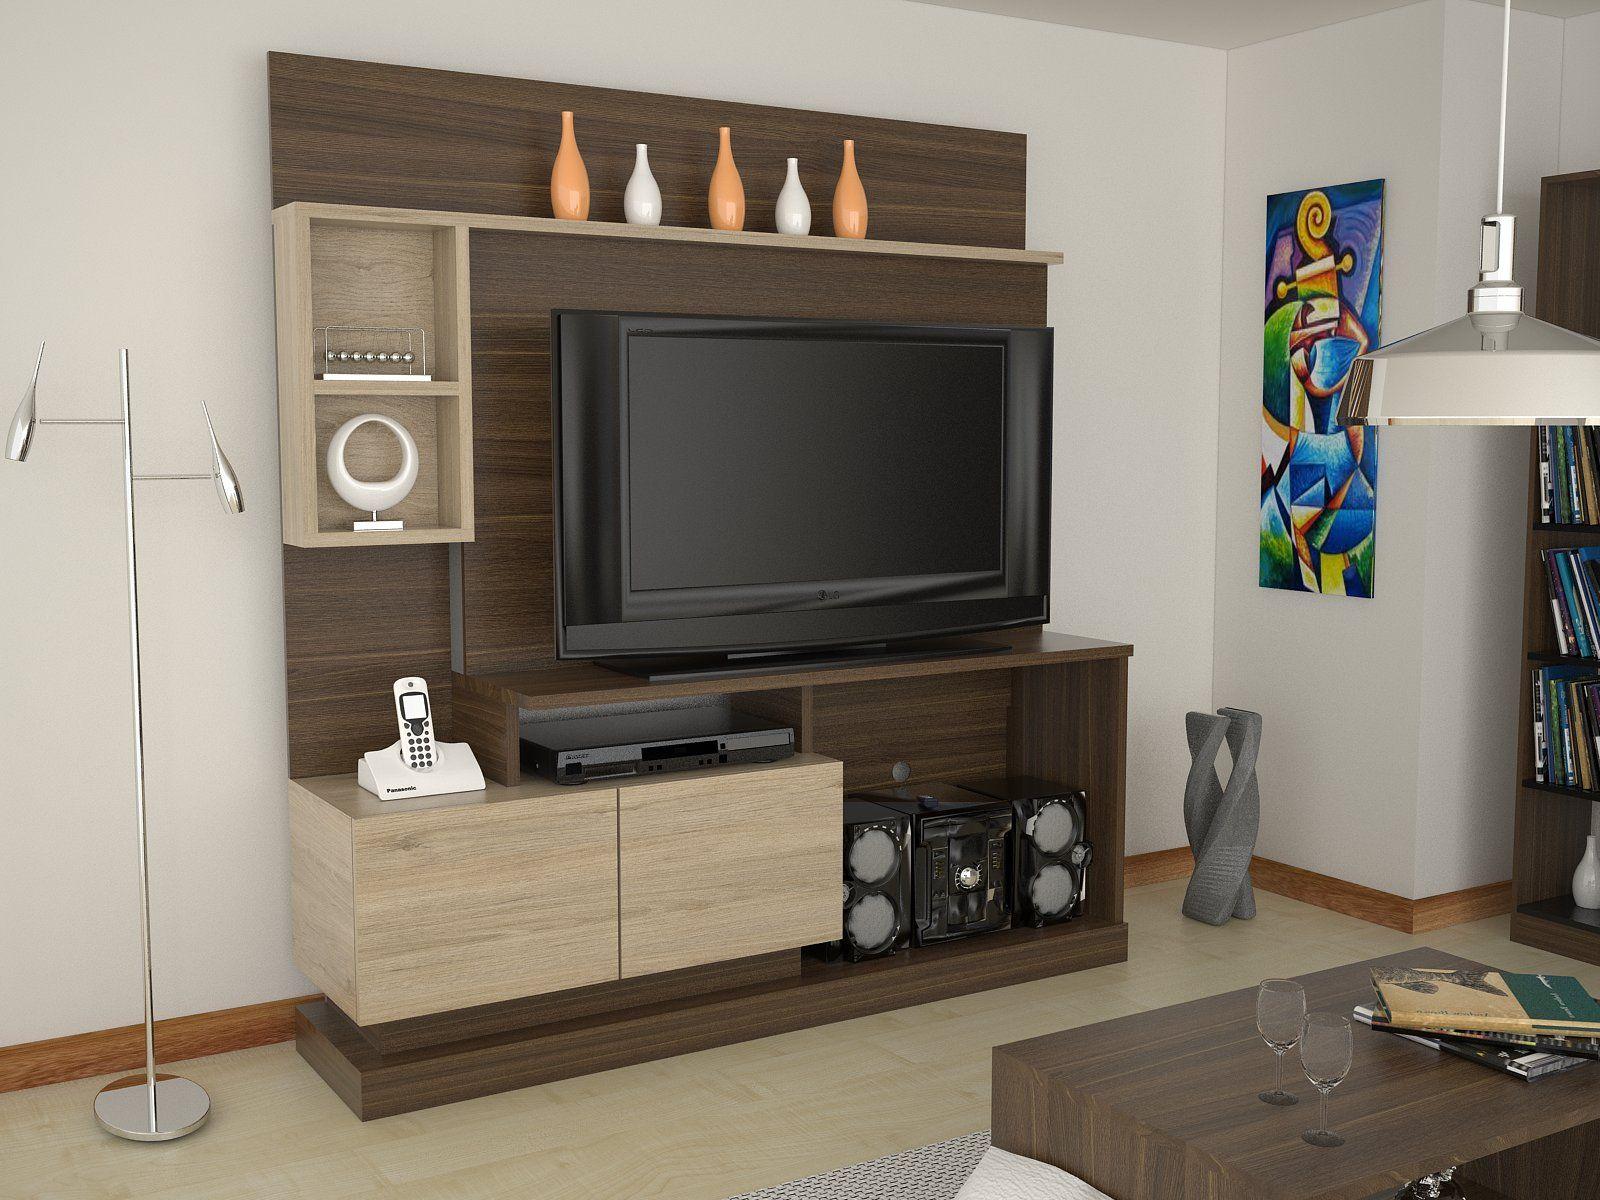 centro de entretenimiento para la sala muebles tv On mueble de entretenimiento para sala